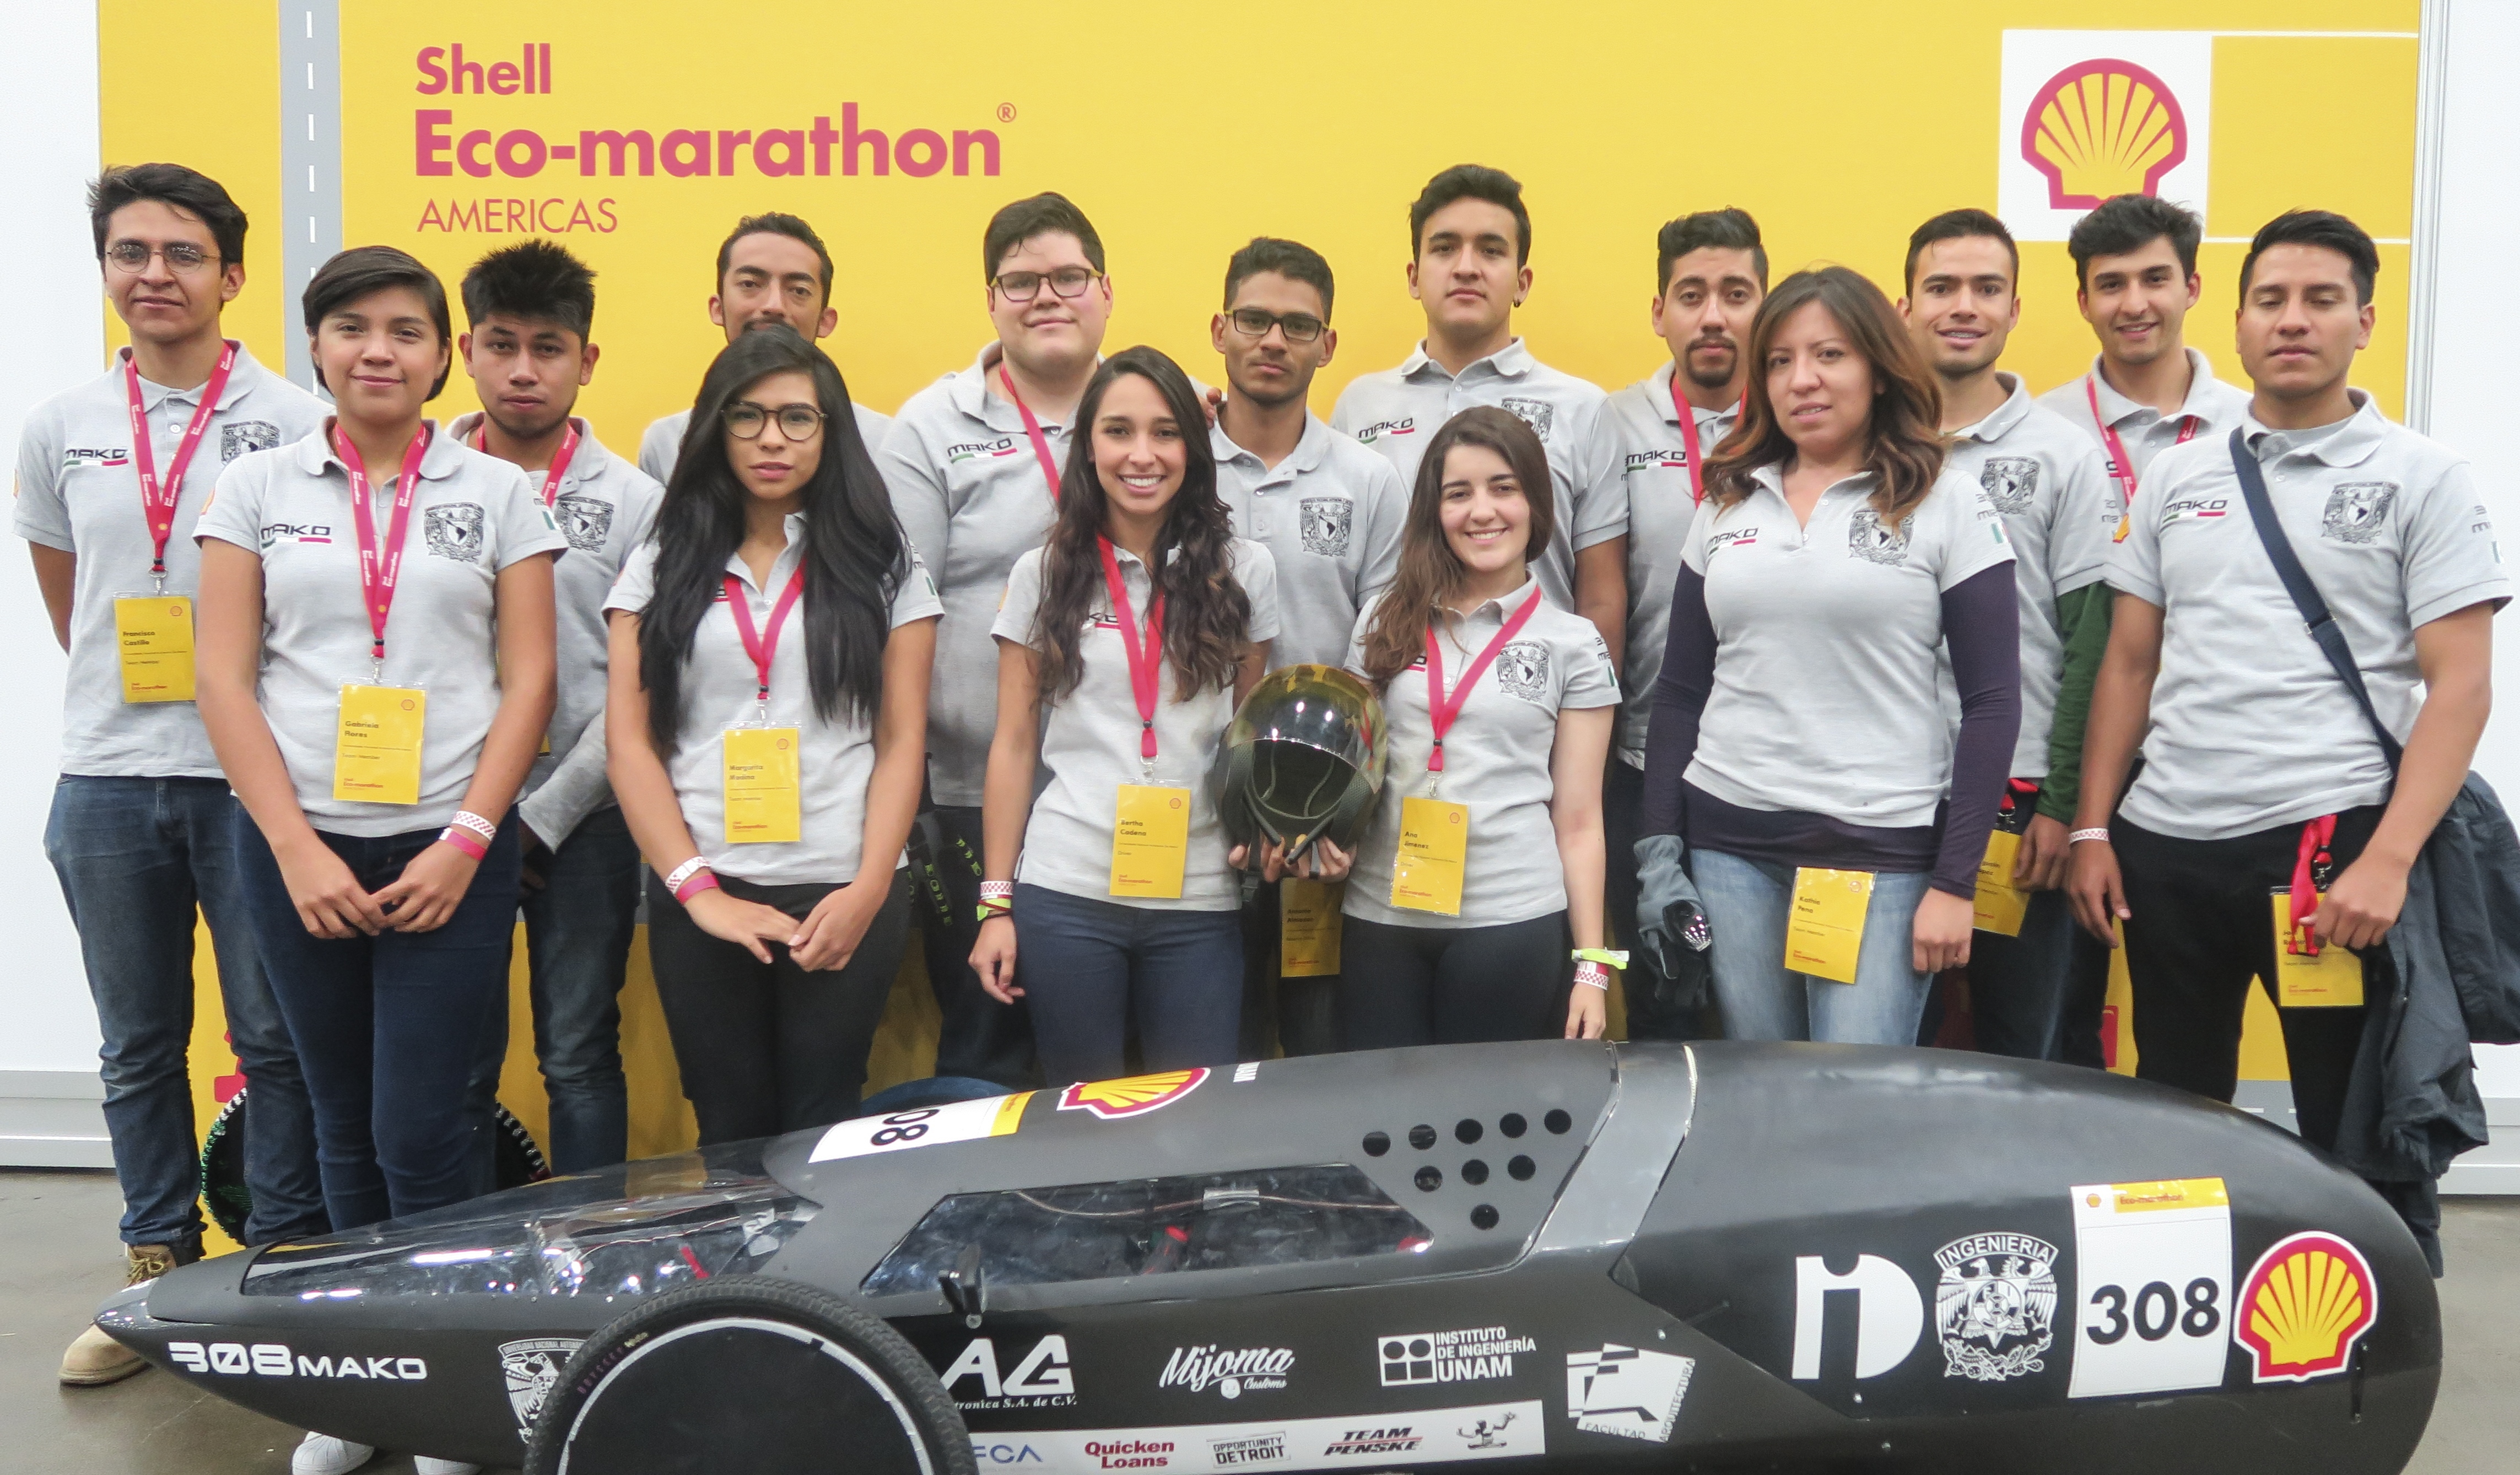 Los estudiantes de la UNAM que conquistaron a Shell con un auto eléctrico